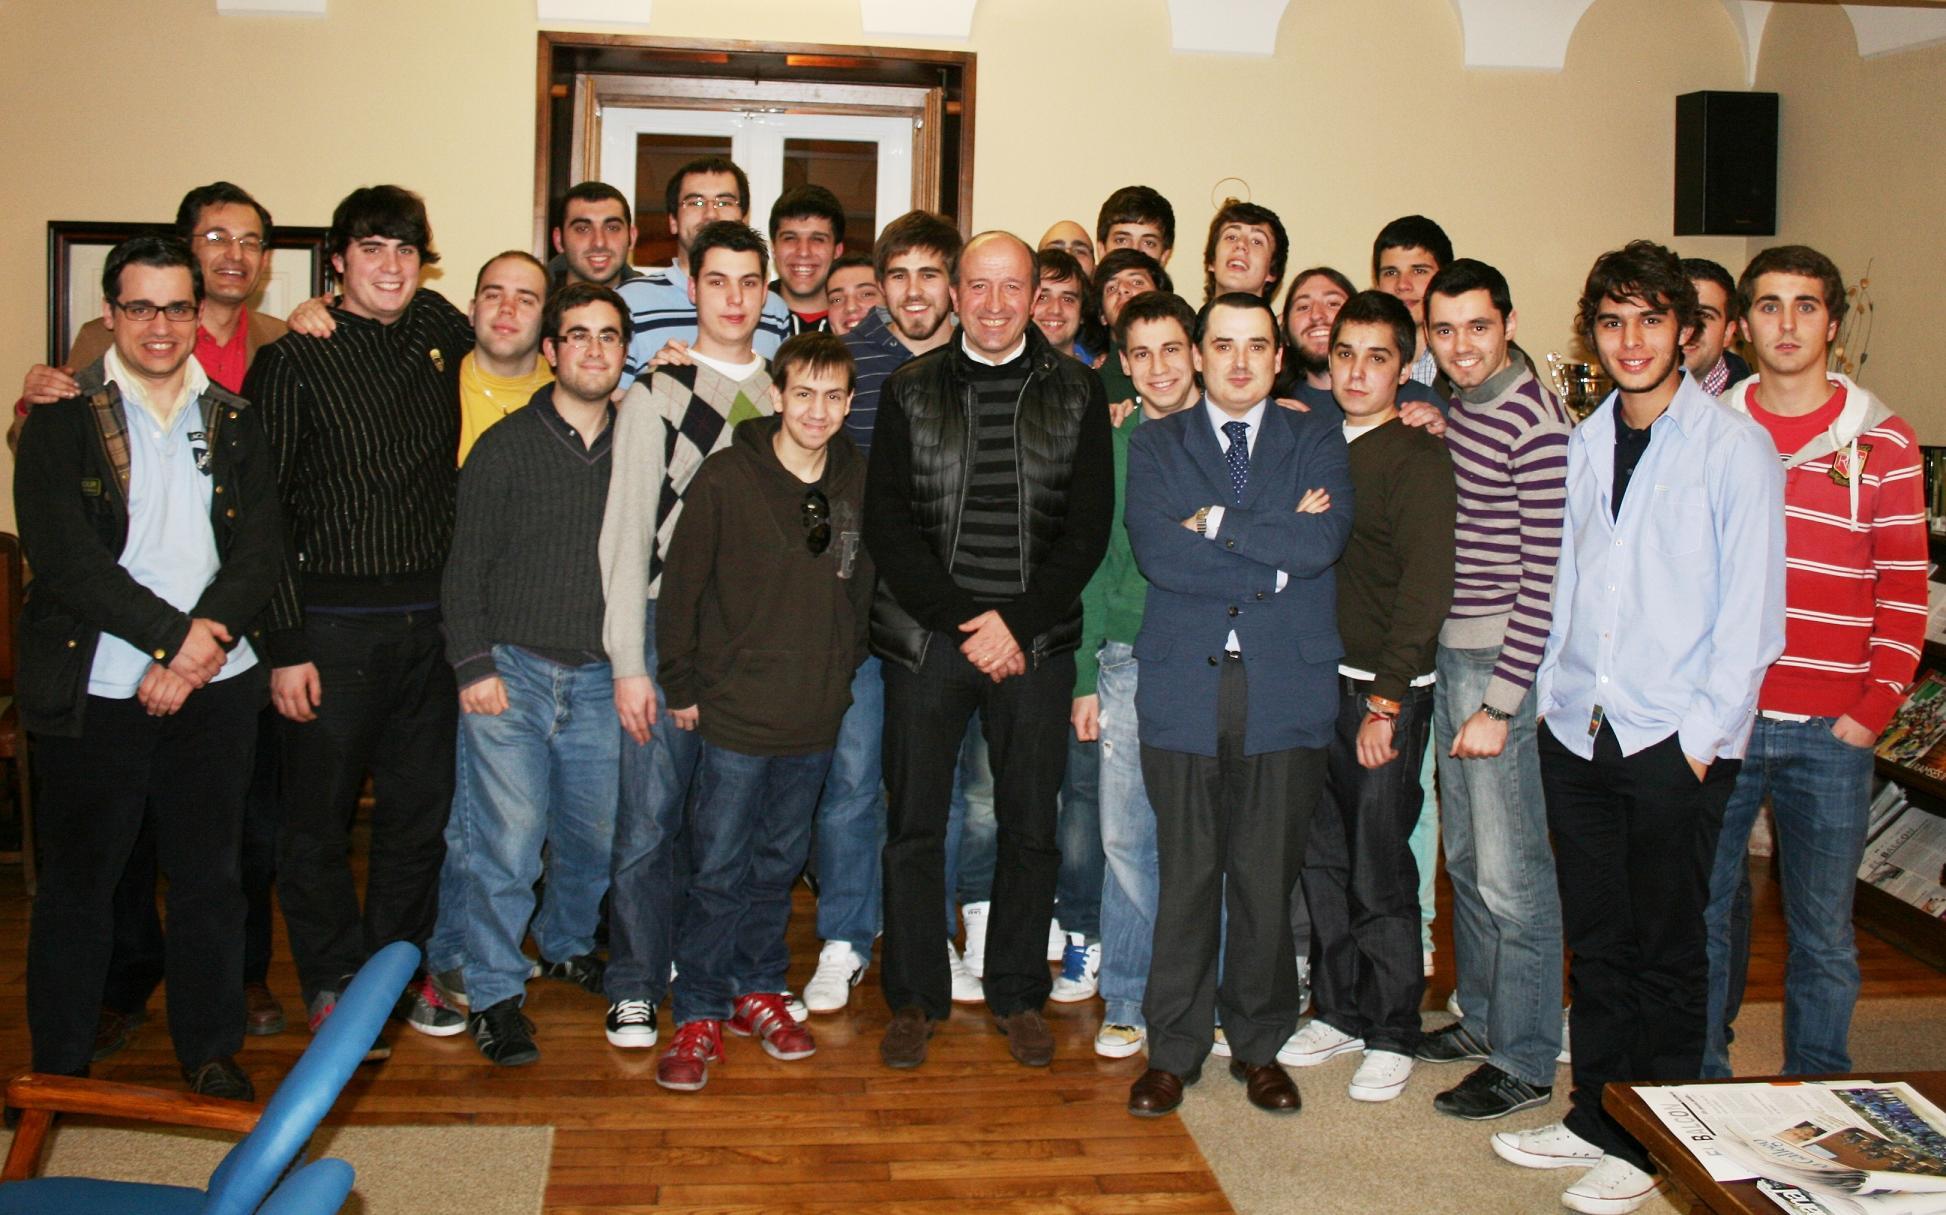 El entrenador del Deportivo de La Coruña, Miguel Ángel Lotina, visita el Colegio Mayor para hablar de fútbol